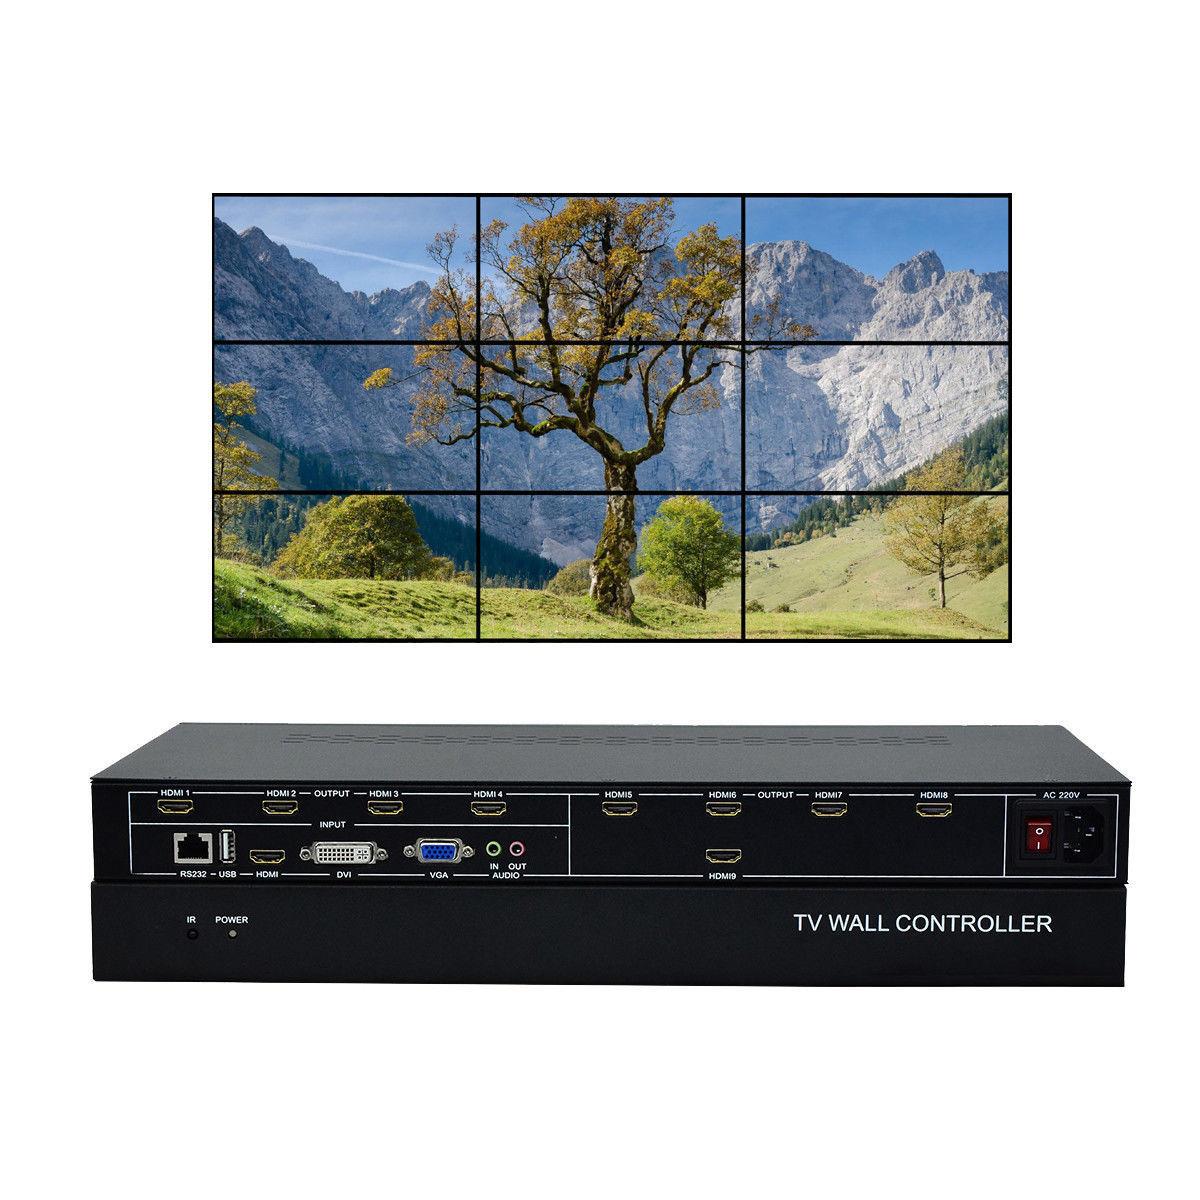 ESZYM 9 canal TV controlador de pared de vídeo 3x3 2x4 4x2 HDMI DVI VGA USB procesador de vídeo